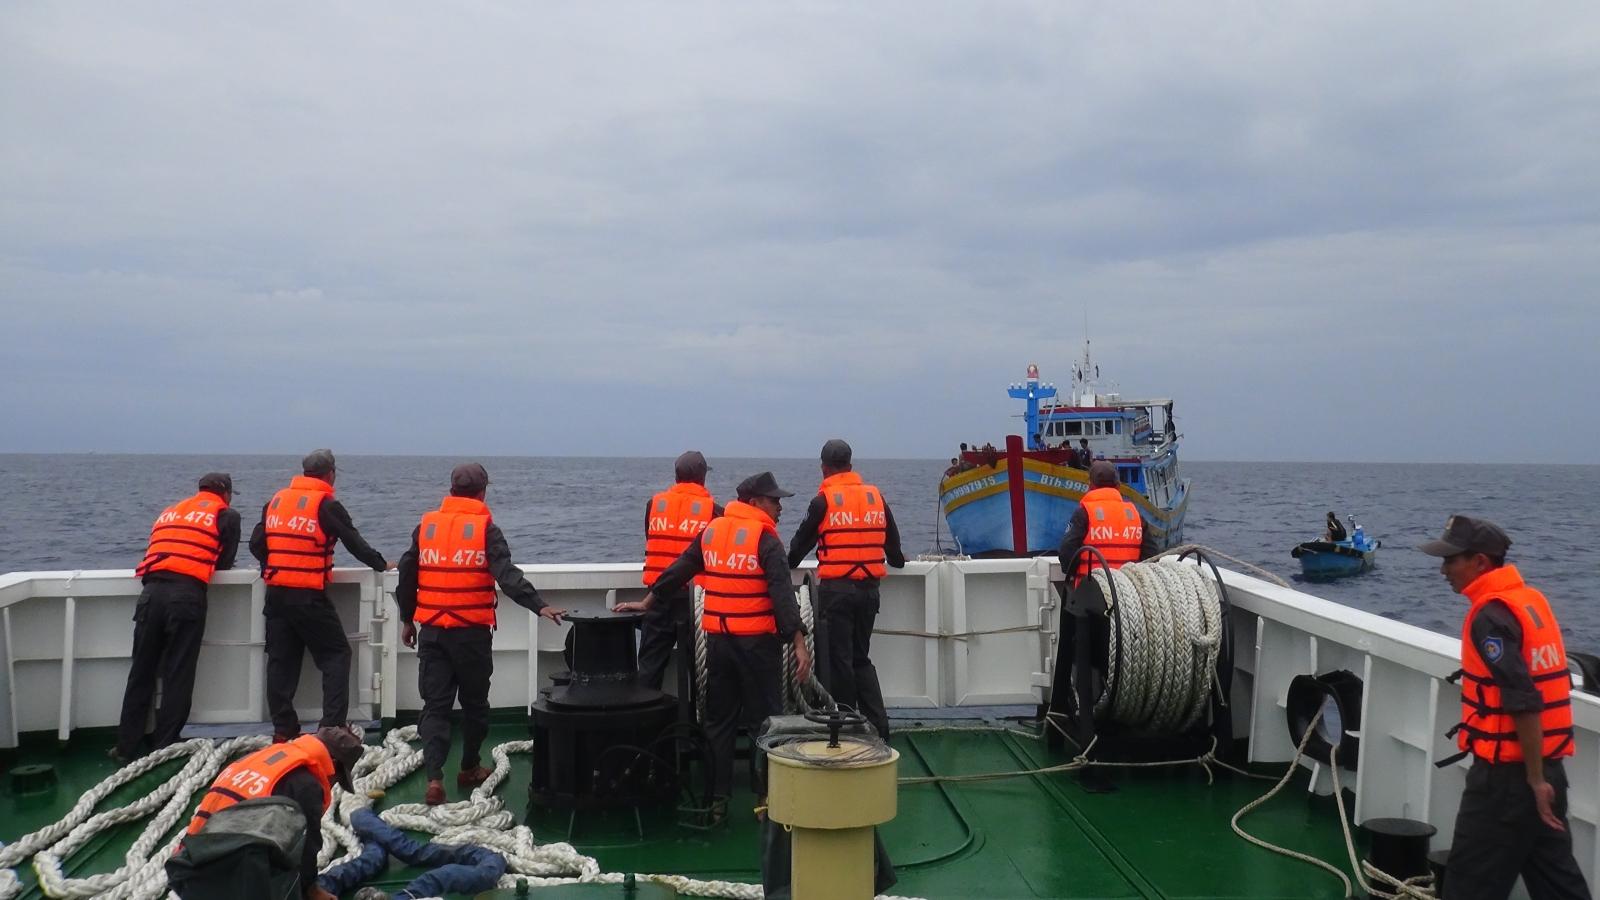 Tàu KN475 cứu kéo tàu cá BTh 99979 TS gặp nạn tại đảo Đá Nam